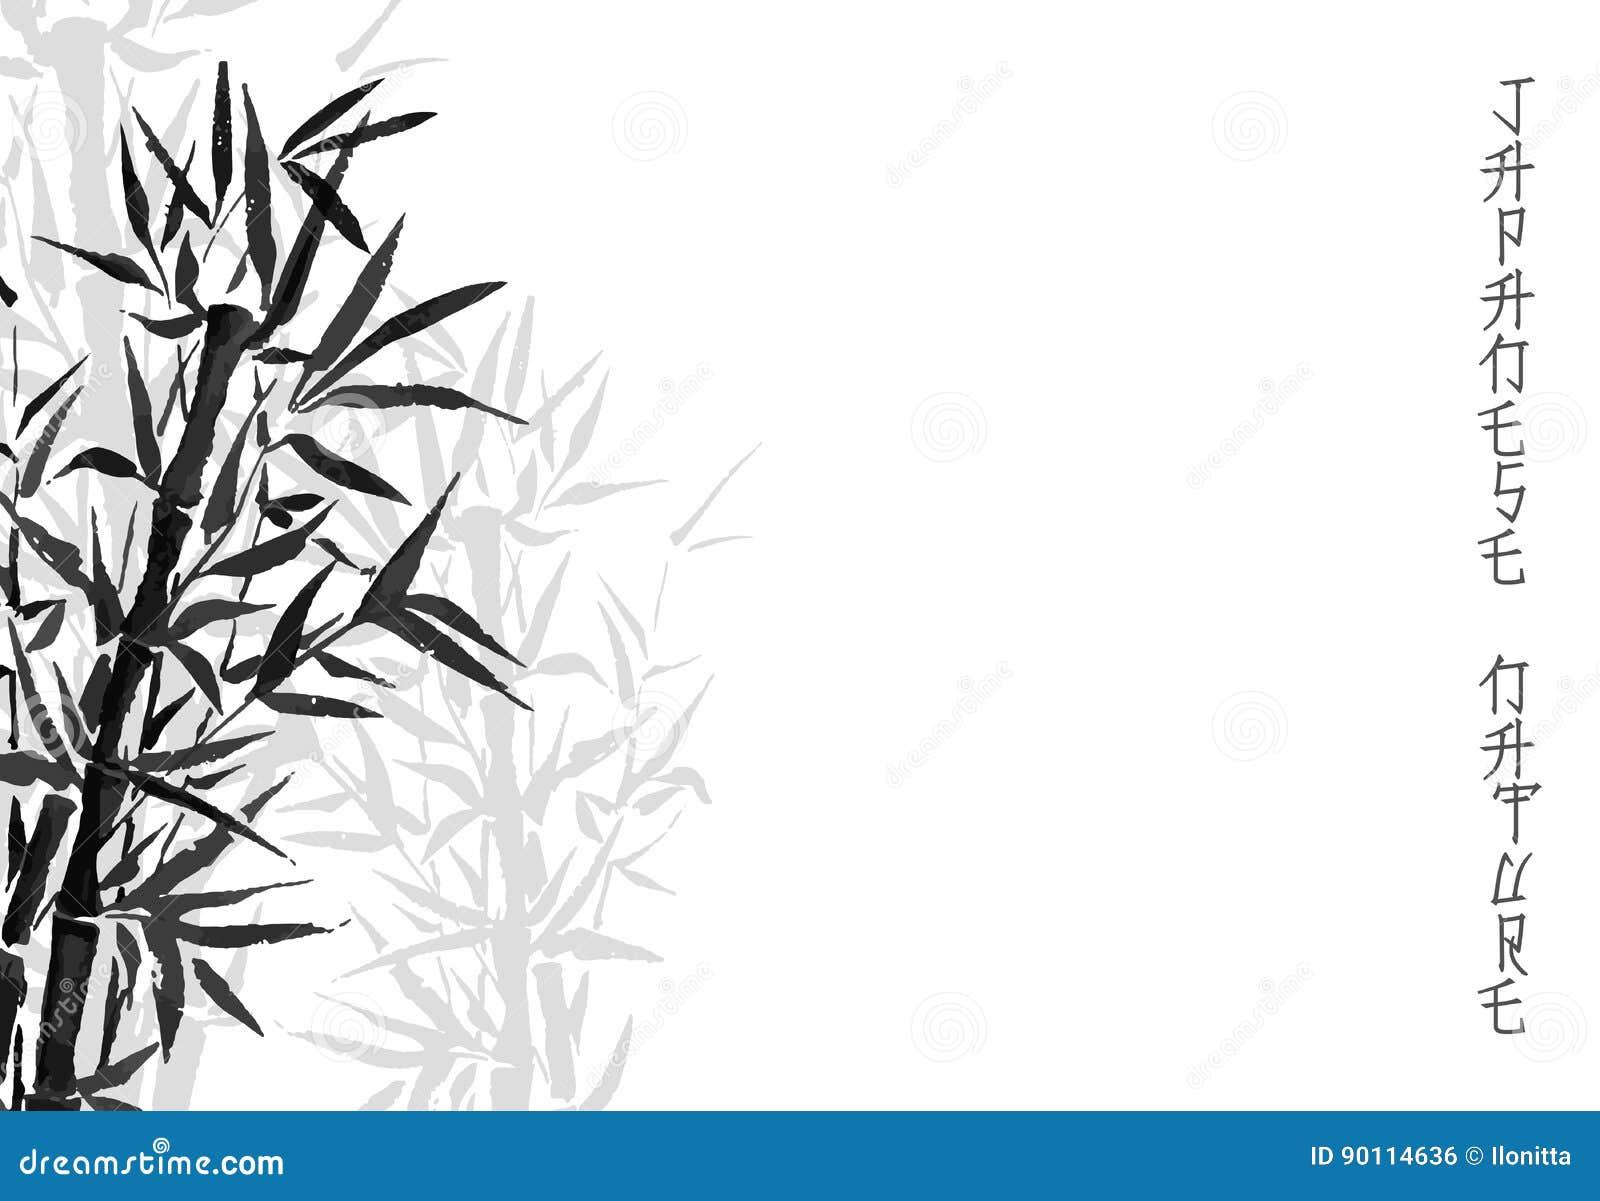 Charmant Download Japanische Anlage Des Bambusbaums Oder Baum Traditionelle Sumi  Malerei Vektorillustration Vektor Abbildung   Illustration